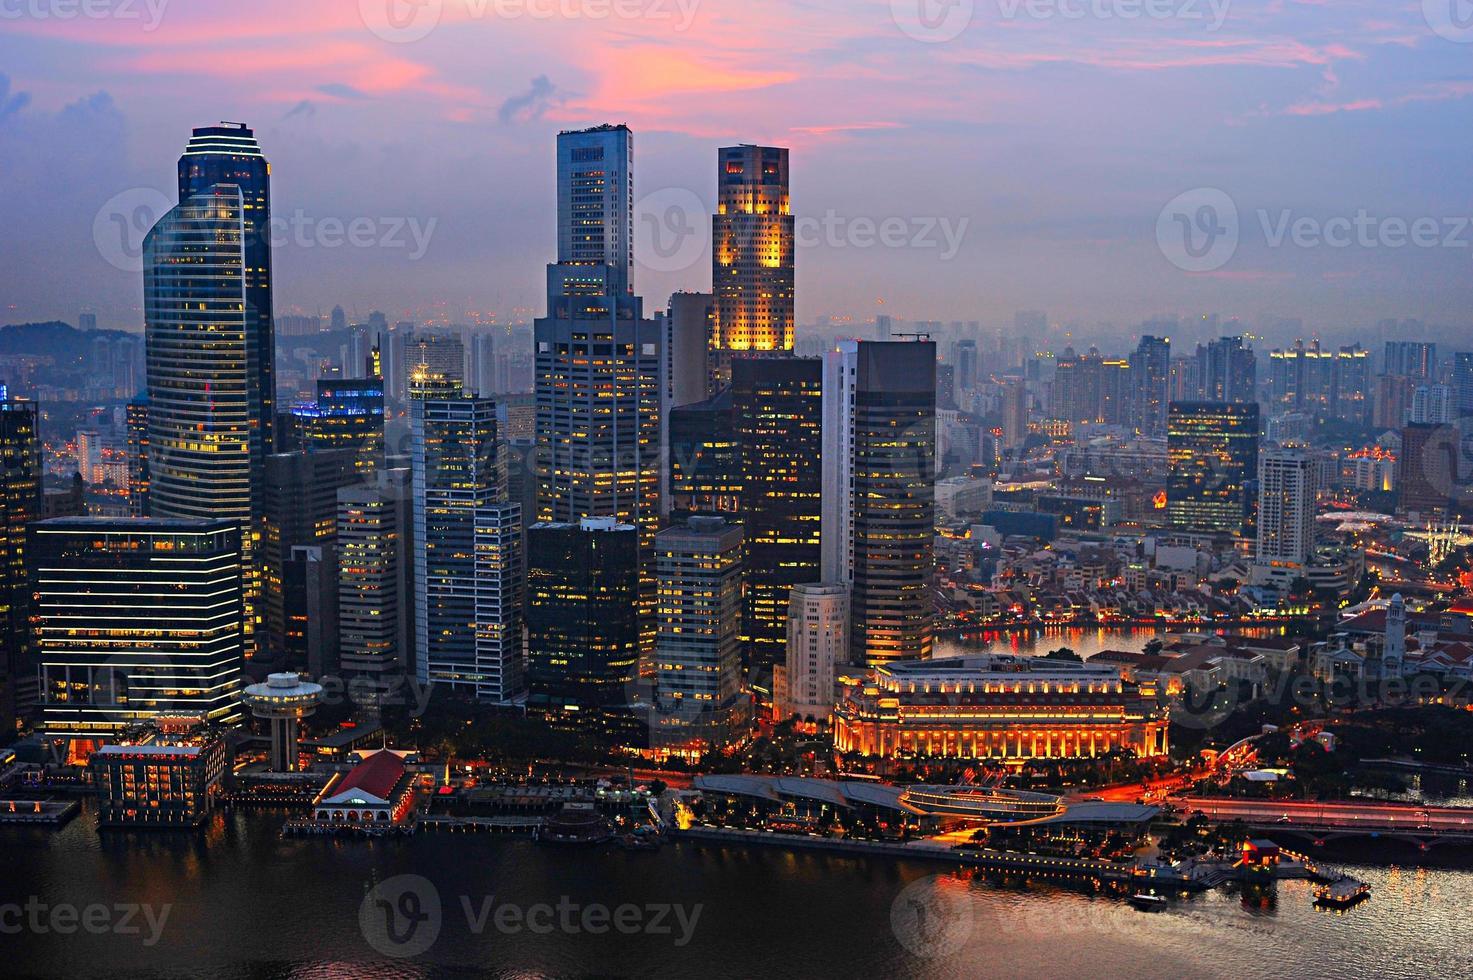 centro de negócios de cingapura foto